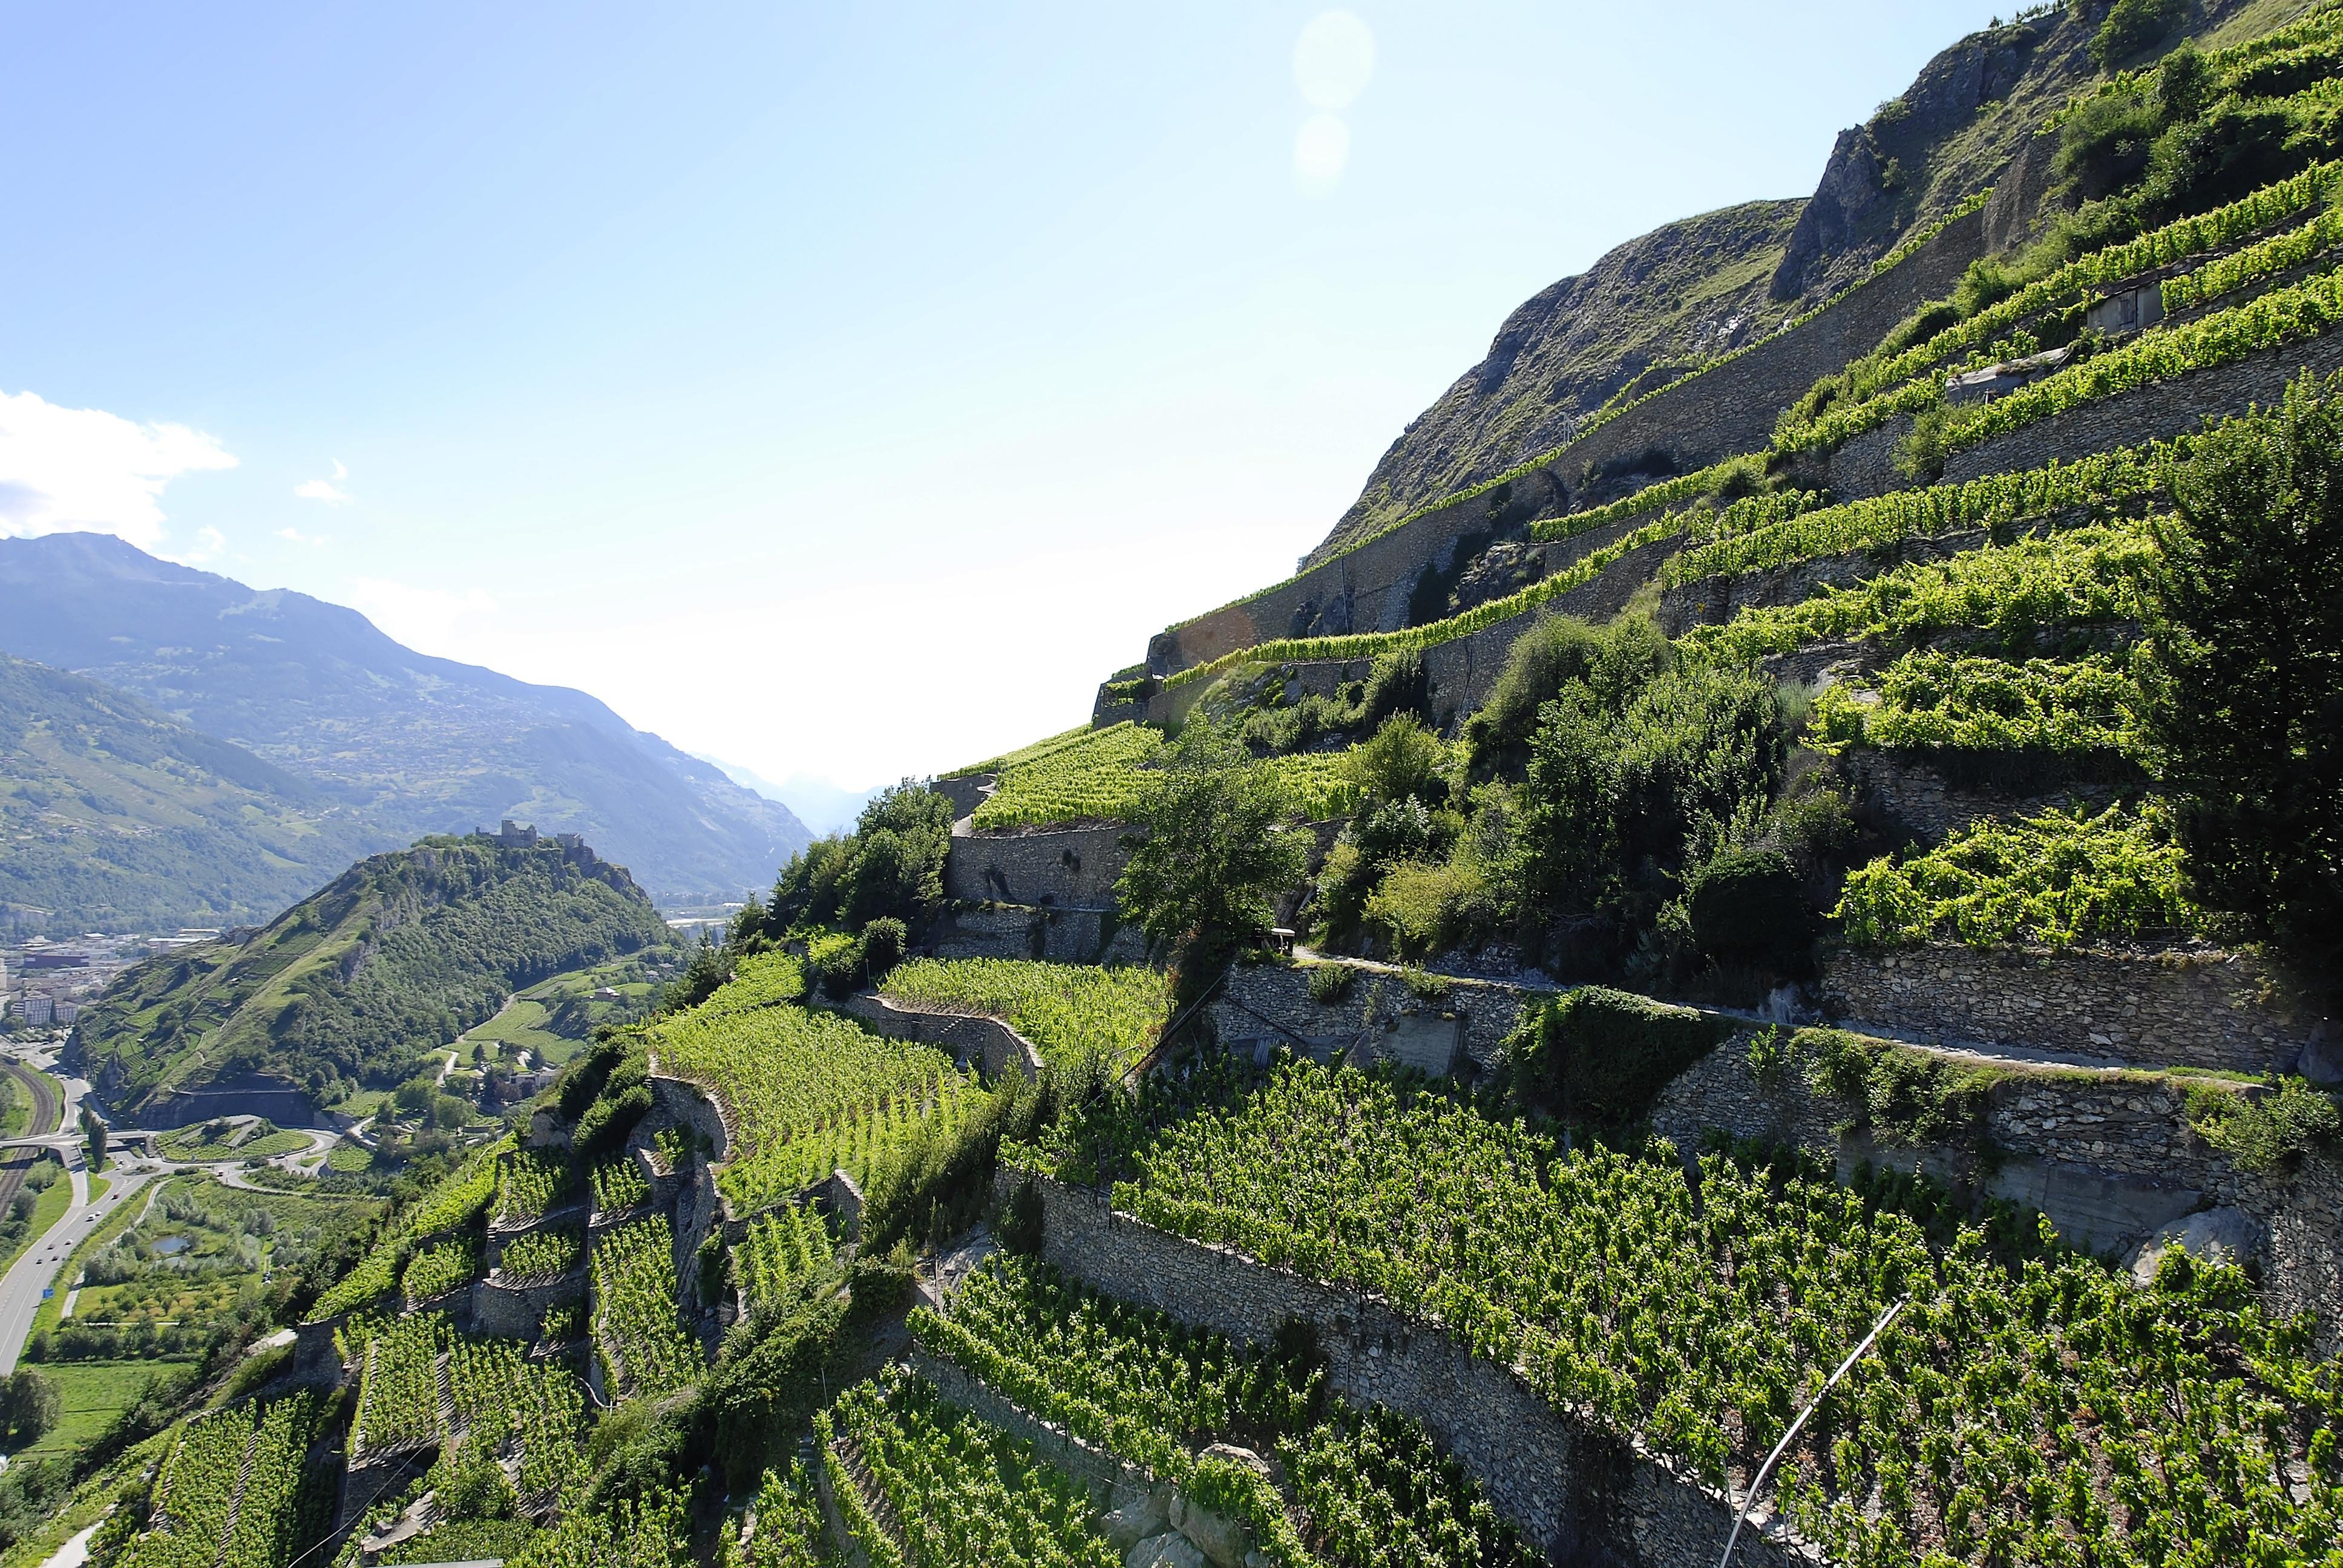 Ladera Vineyards Tour